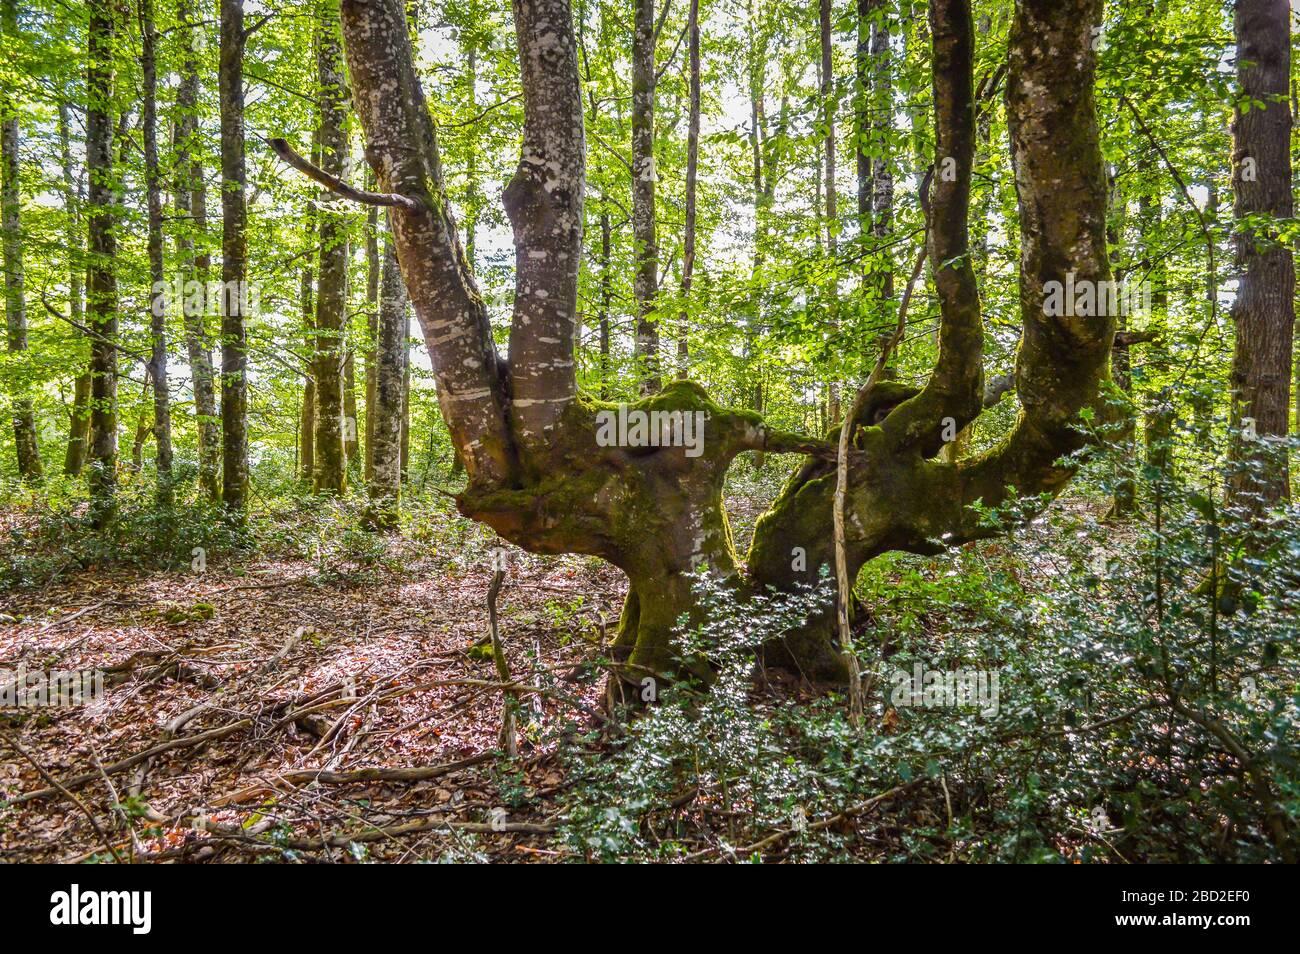 Strana forma alberi nella foresta, Corrèze, Francia. Foto Stock